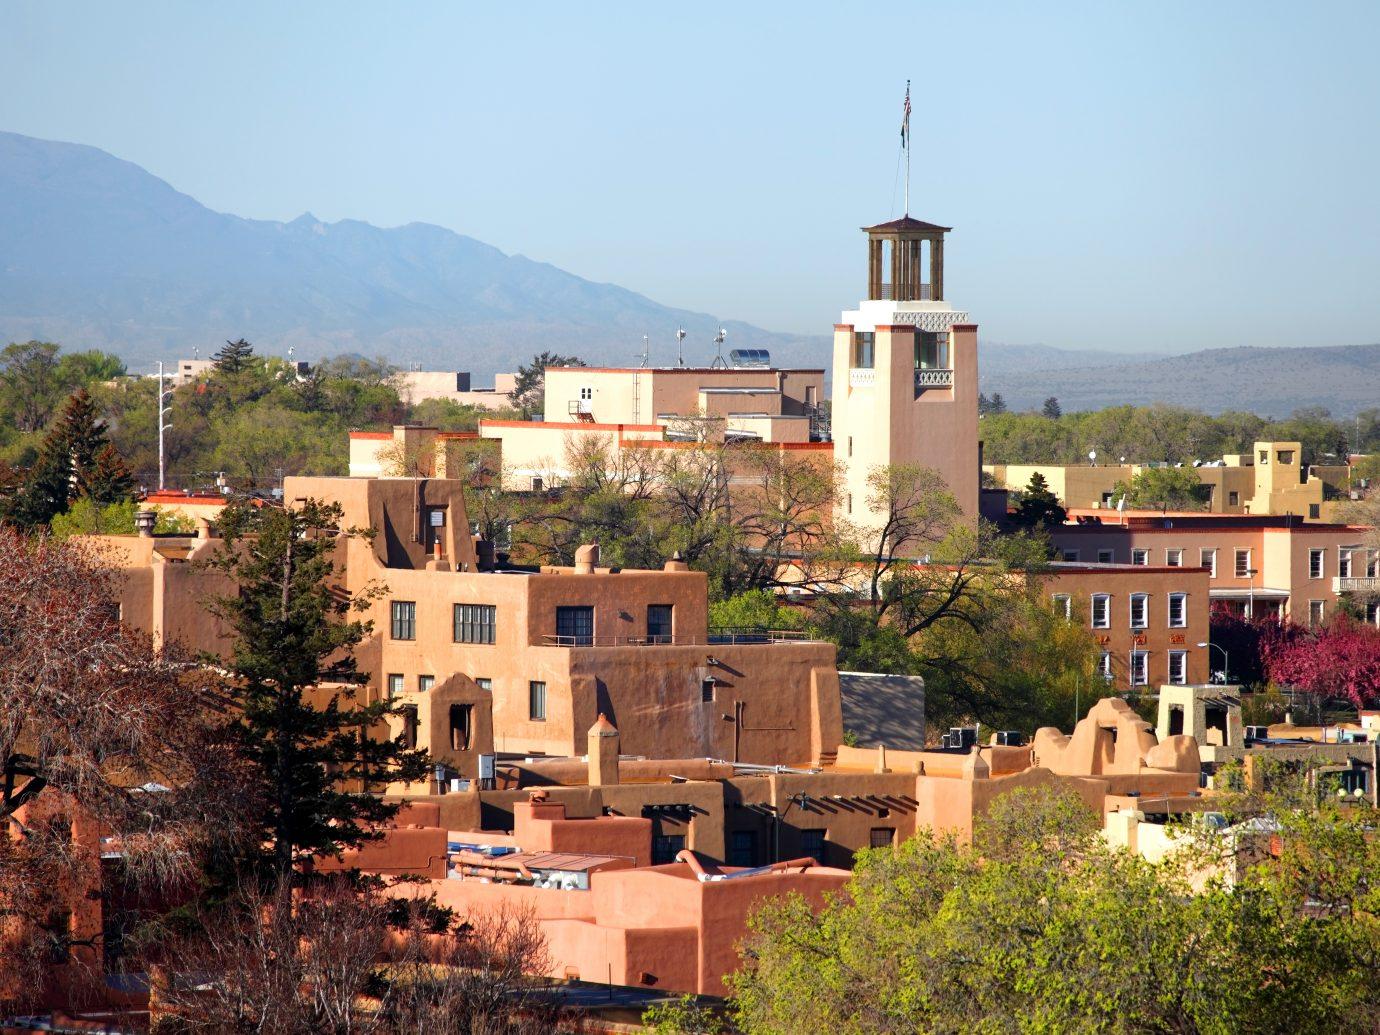 Downtown Santa Fe, New Mexico at dusk.